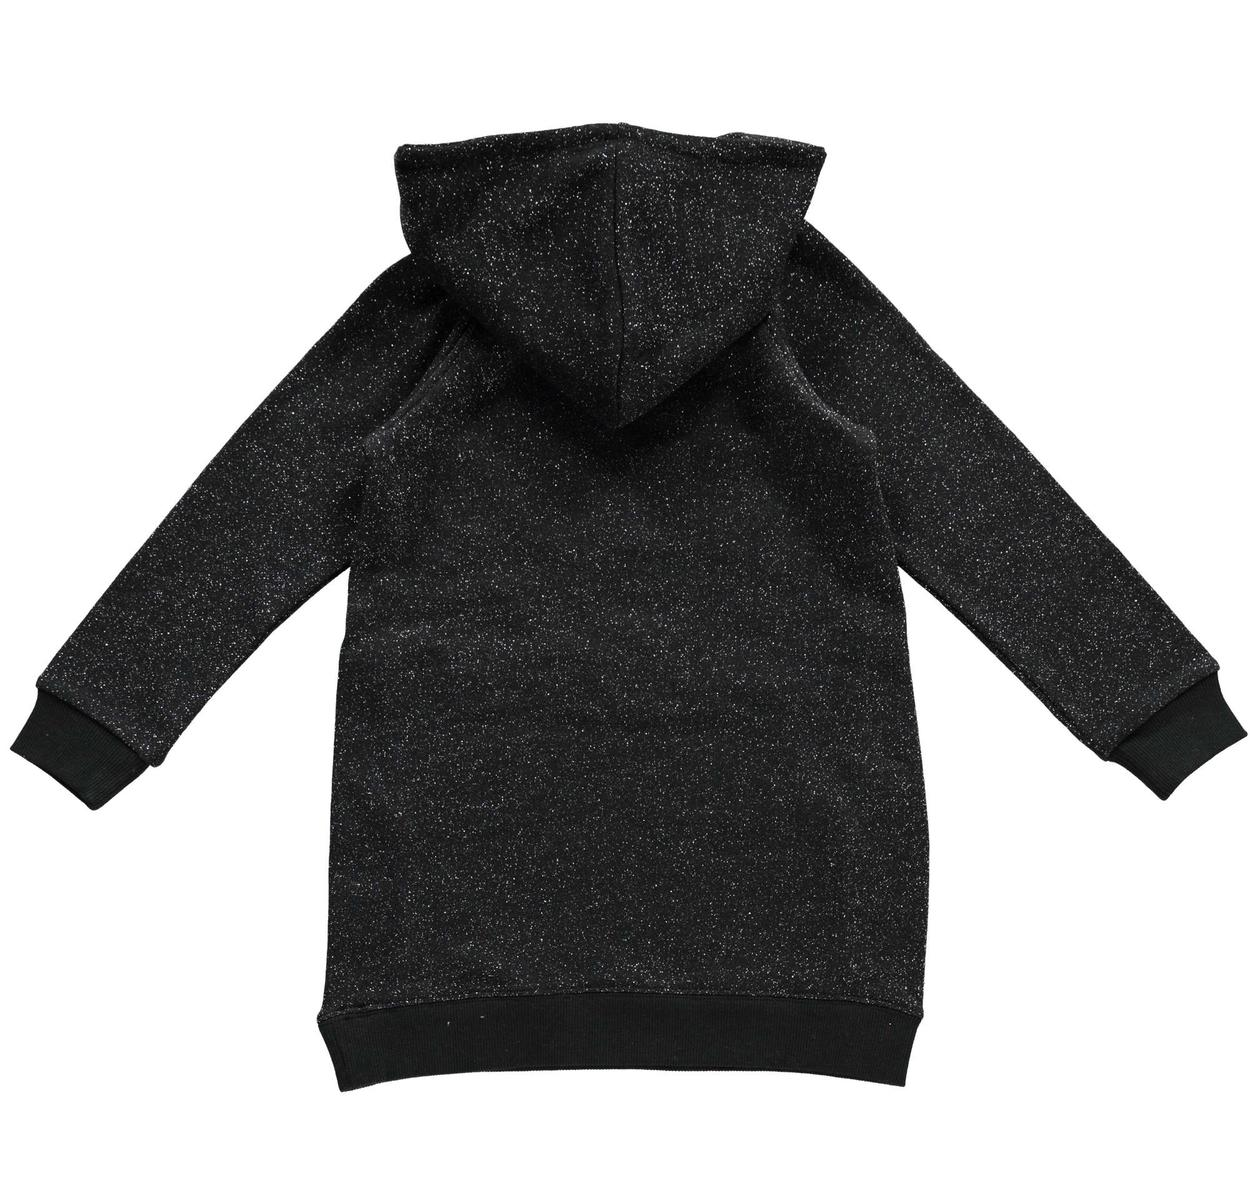 Mini abito in felpa lurex pesante per bambina da 3 a 16 anni iDO